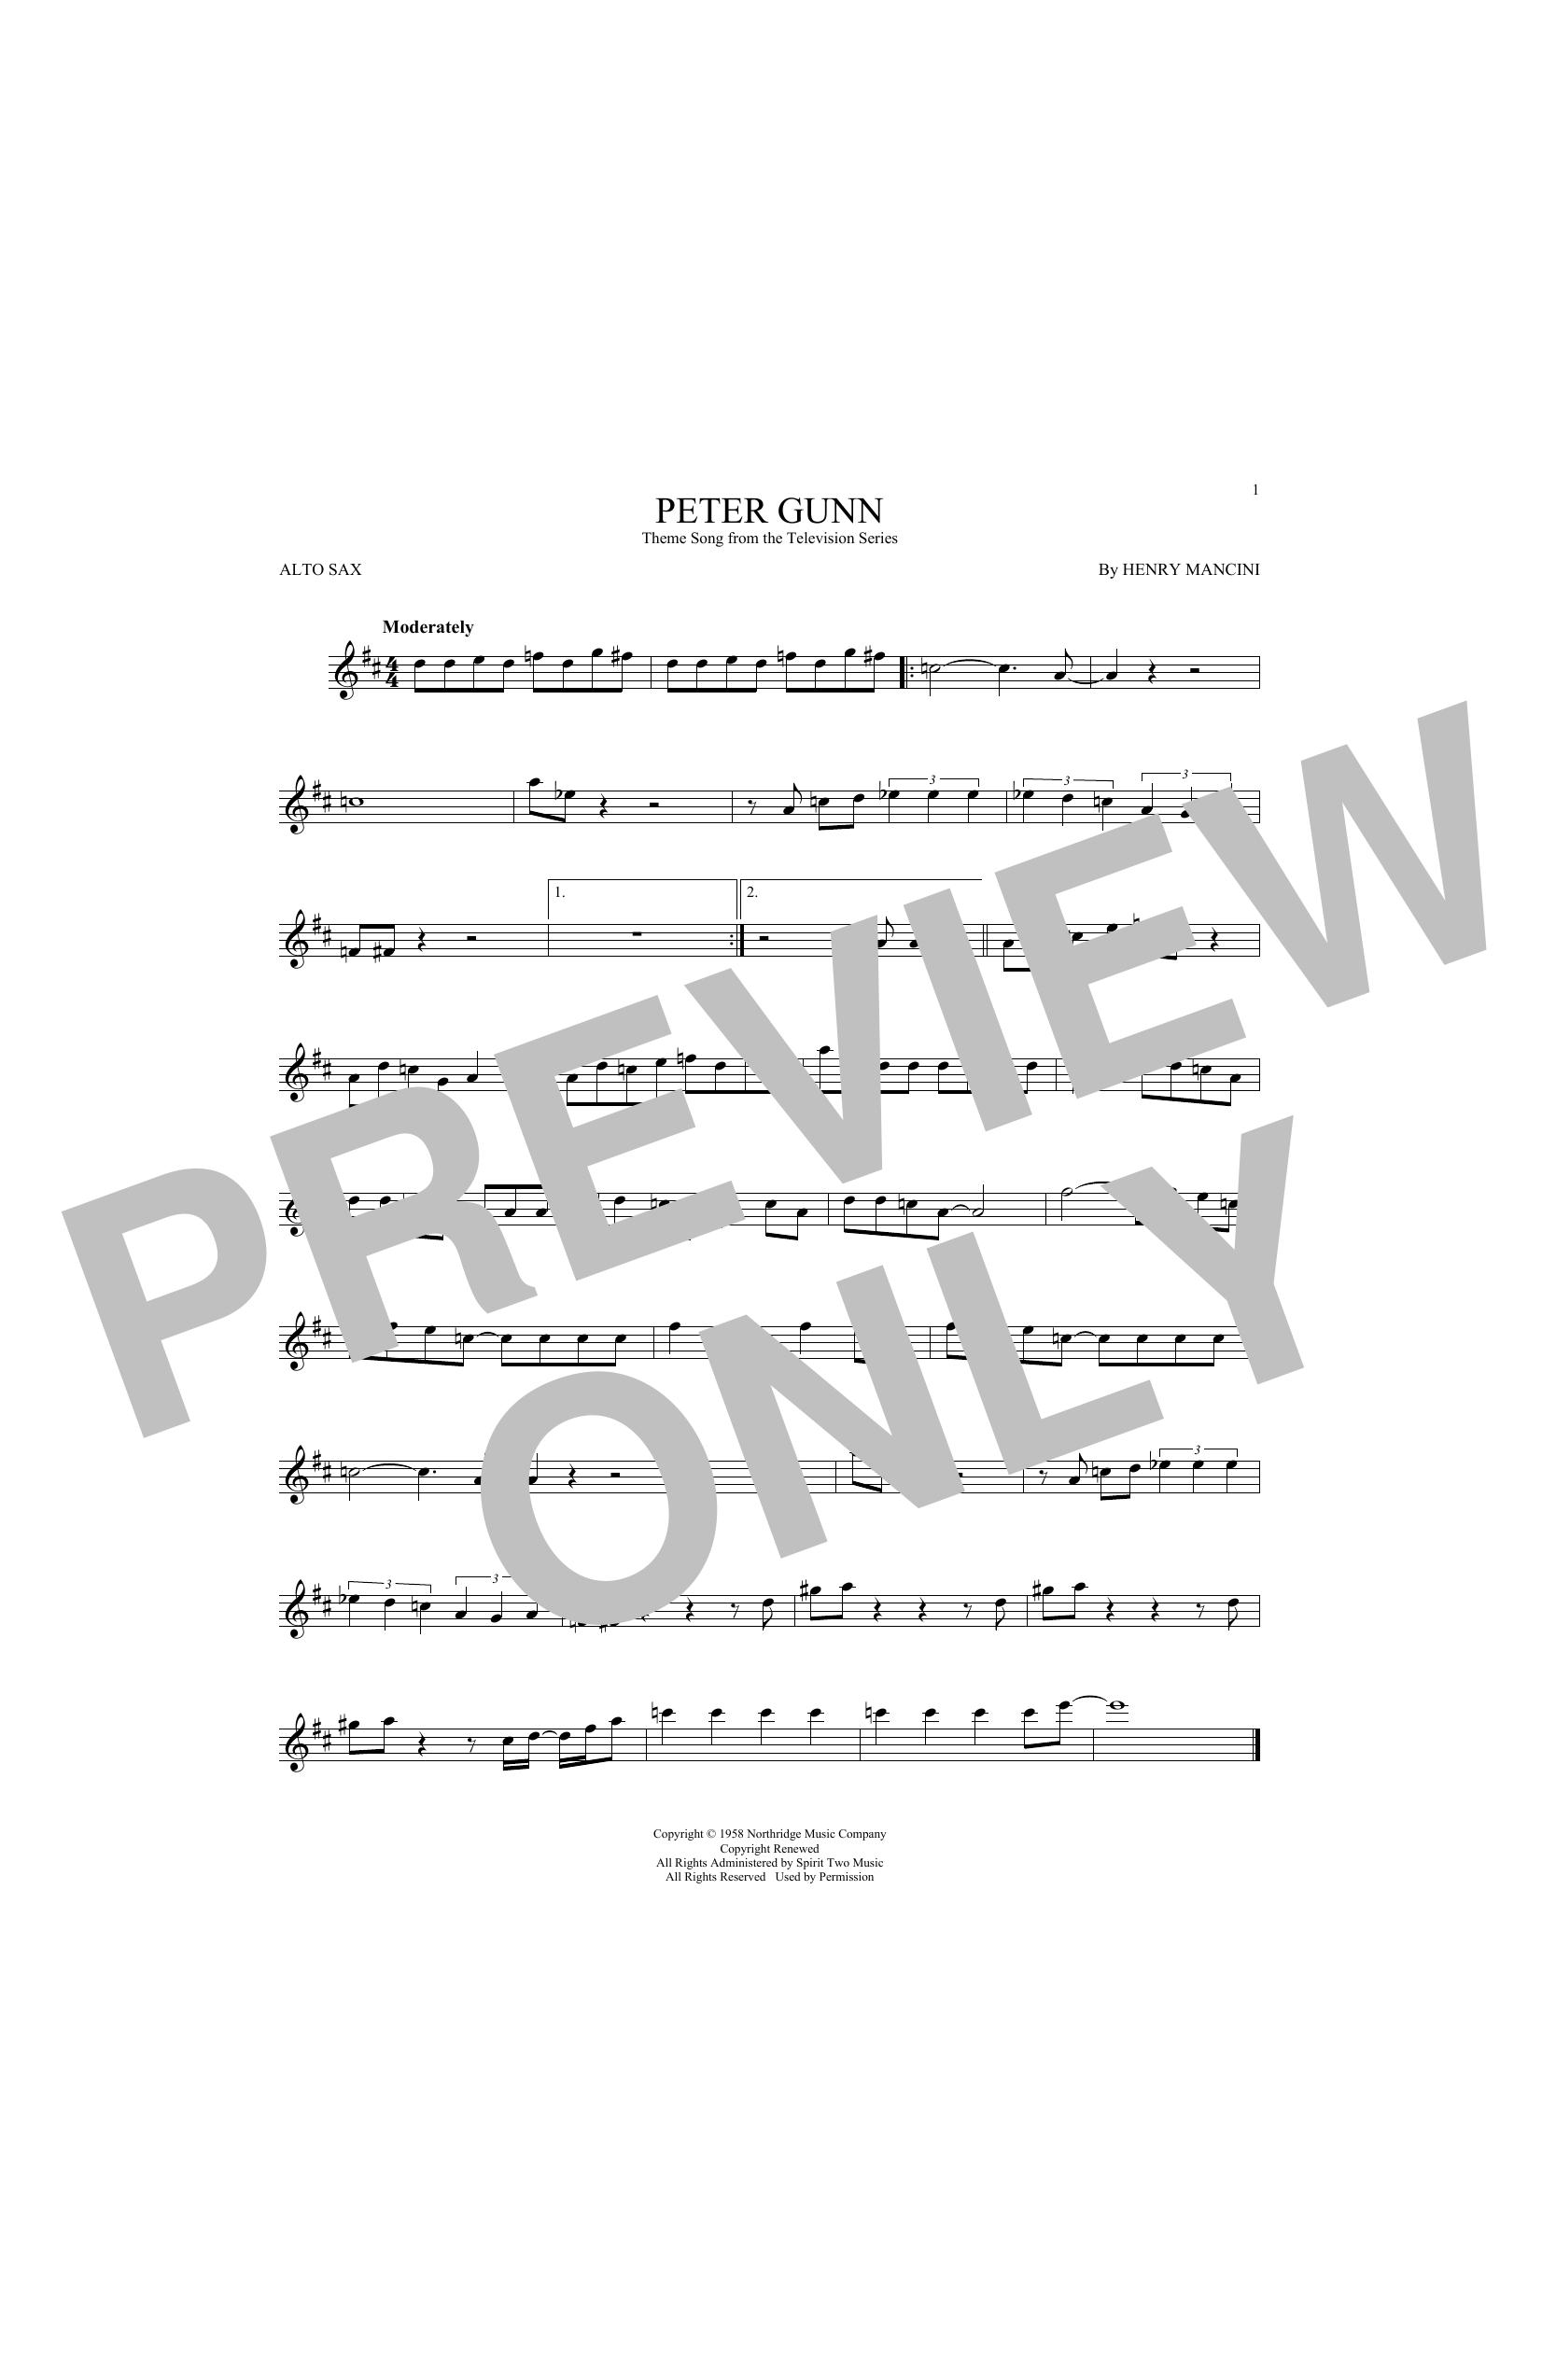 Peter Gunn (Alto Sax Solo)